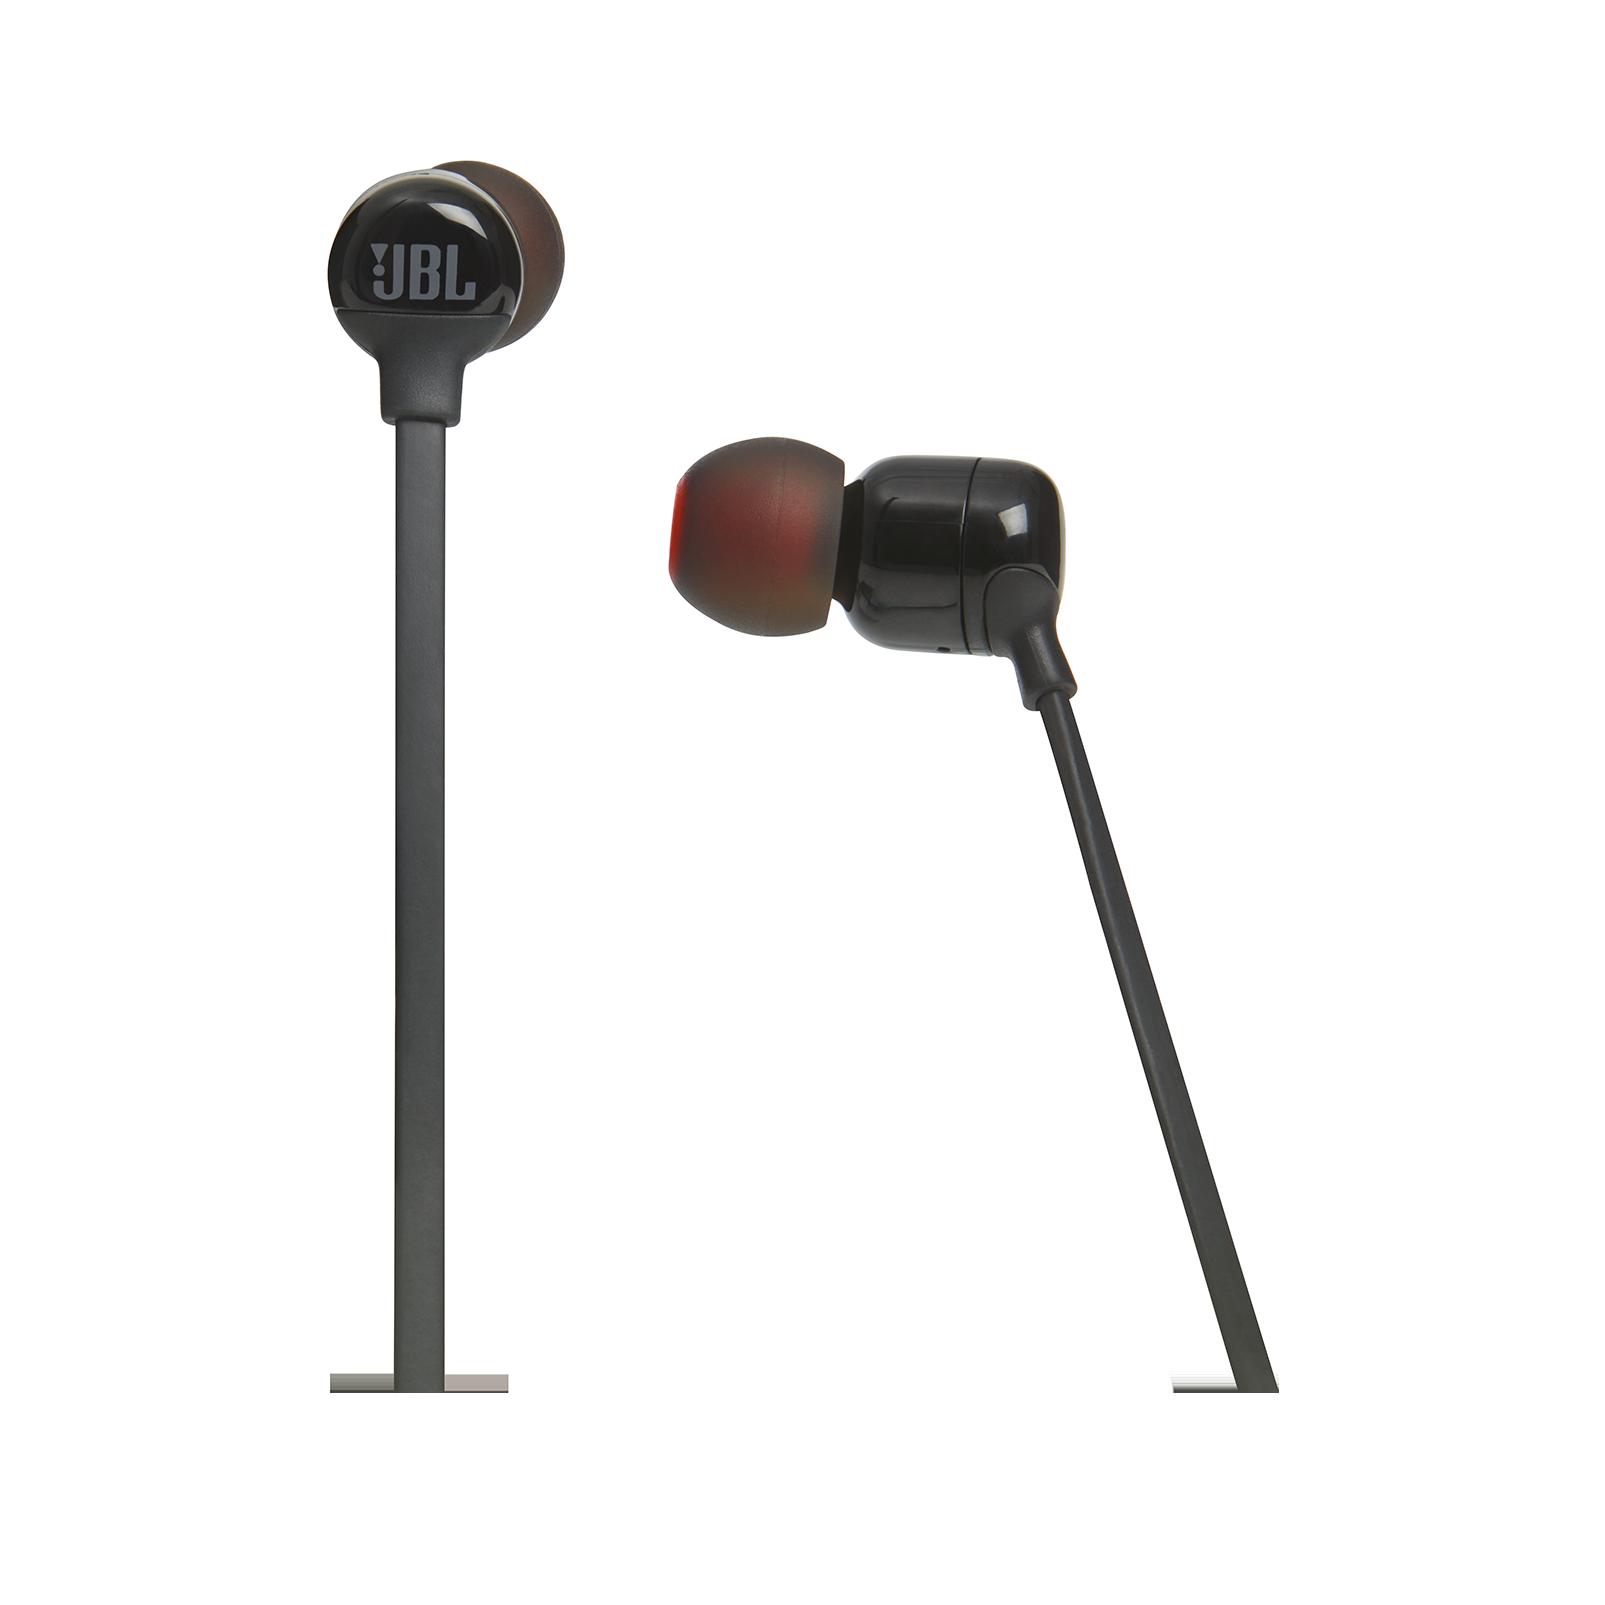 bdfcad9ffbf JBL TUNE 110BT | Wireless in-ear headphones